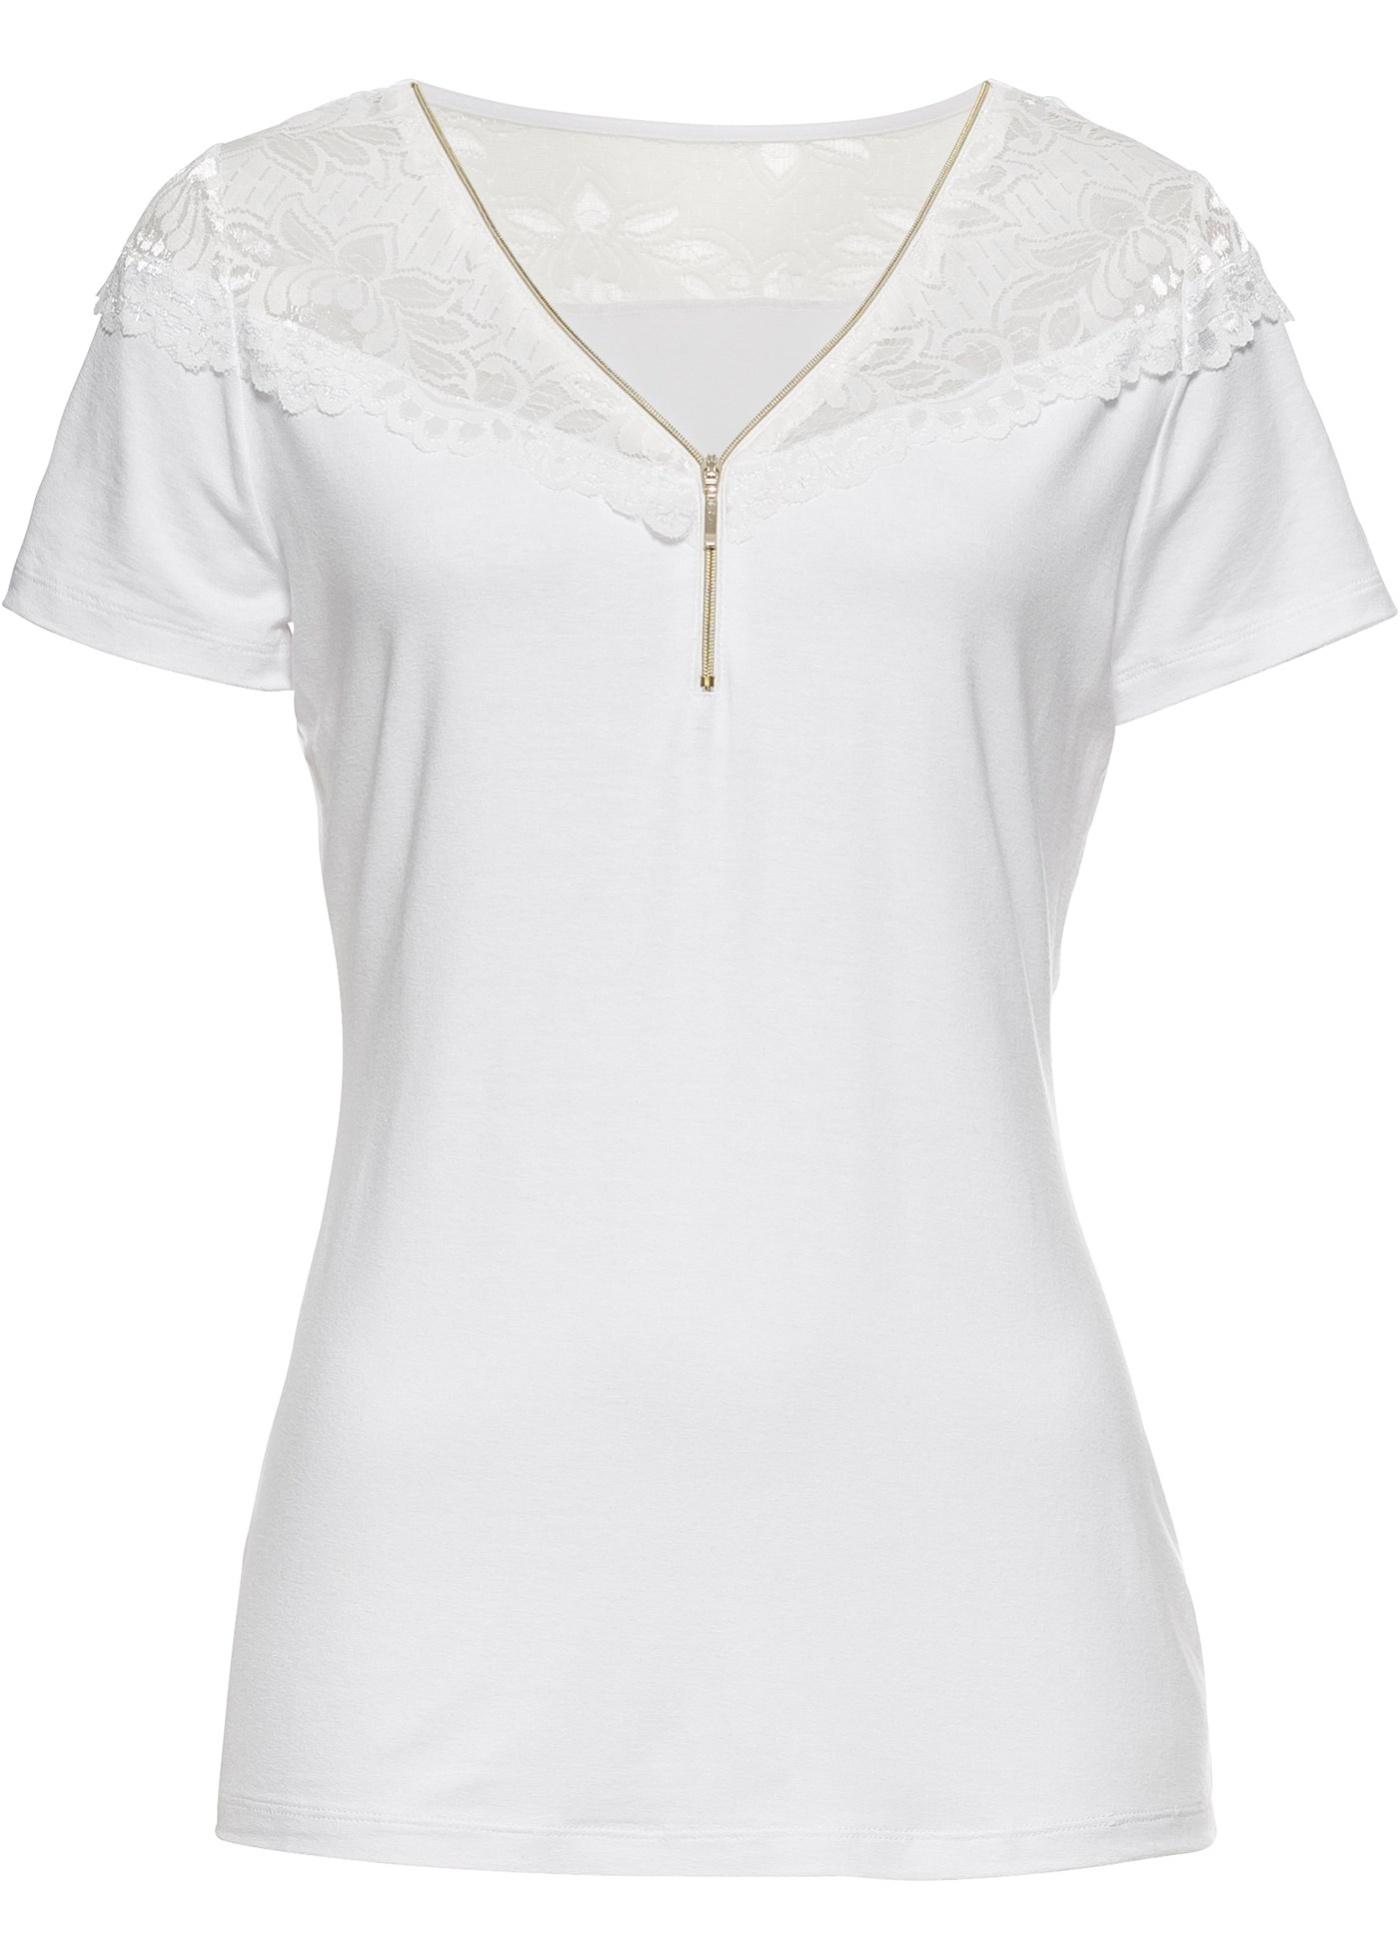 À Blanc Bodyflirt BonprixT Femme Dentelle Zip Et Manches Courtes Pour shirt zqUGSMVp